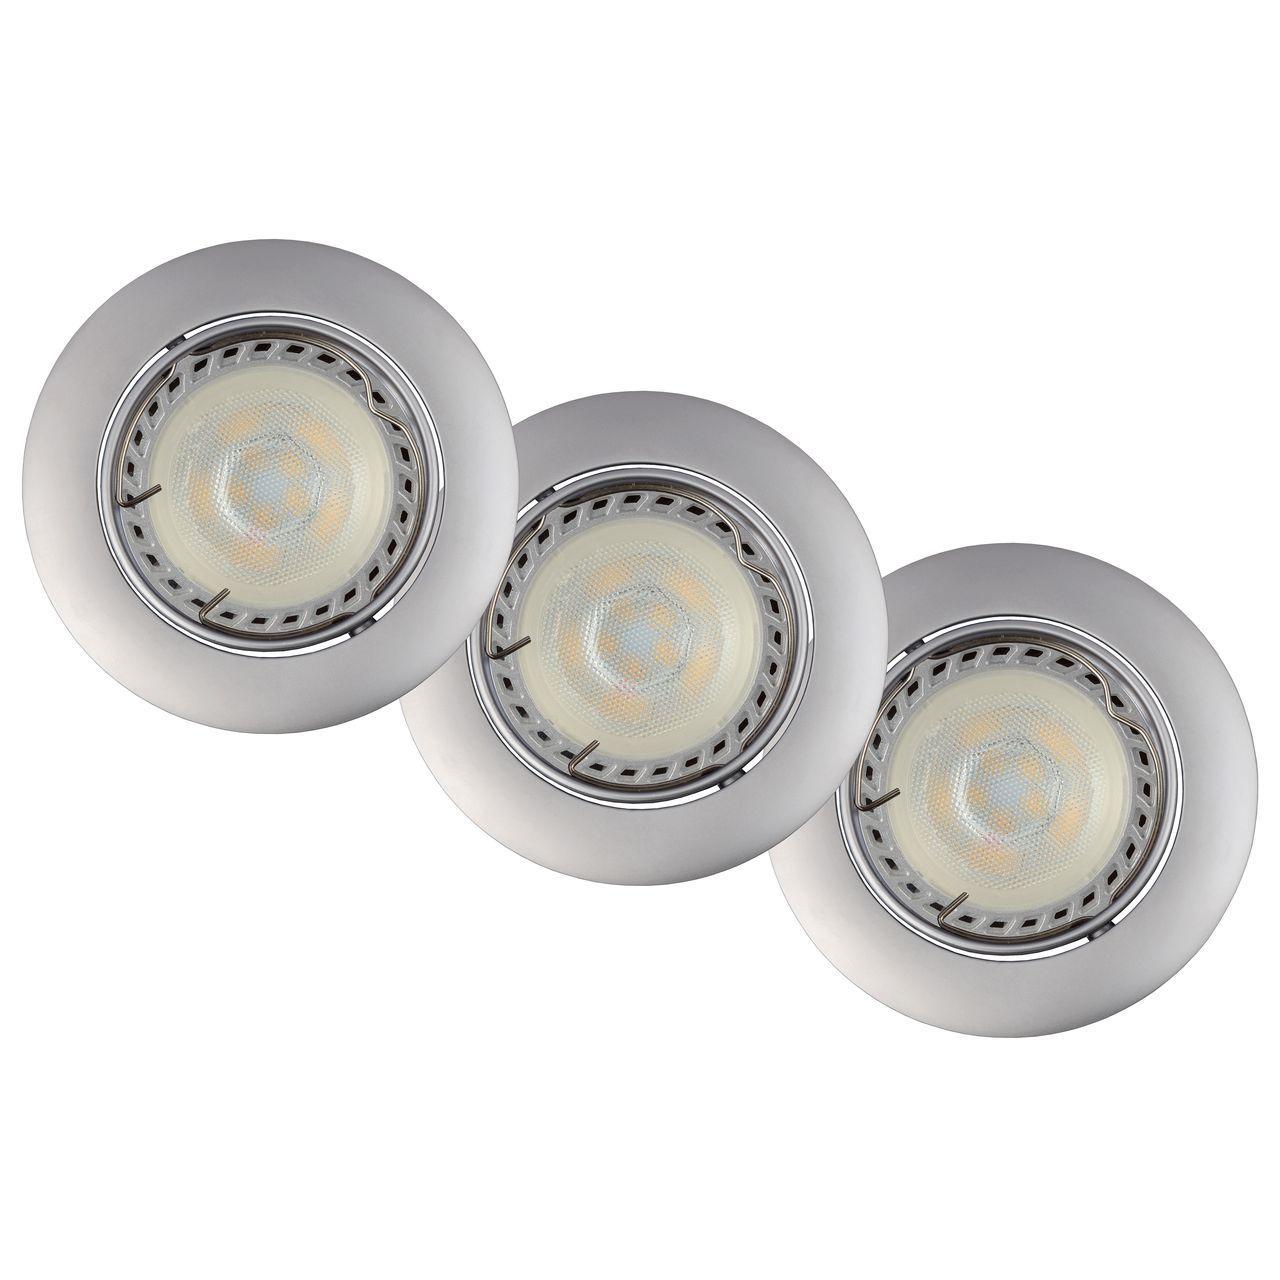 Встраиваемый светильник Lucide Focus 11001/15/36 lucide встраиваемый светильник lucide ben 17958 11 36